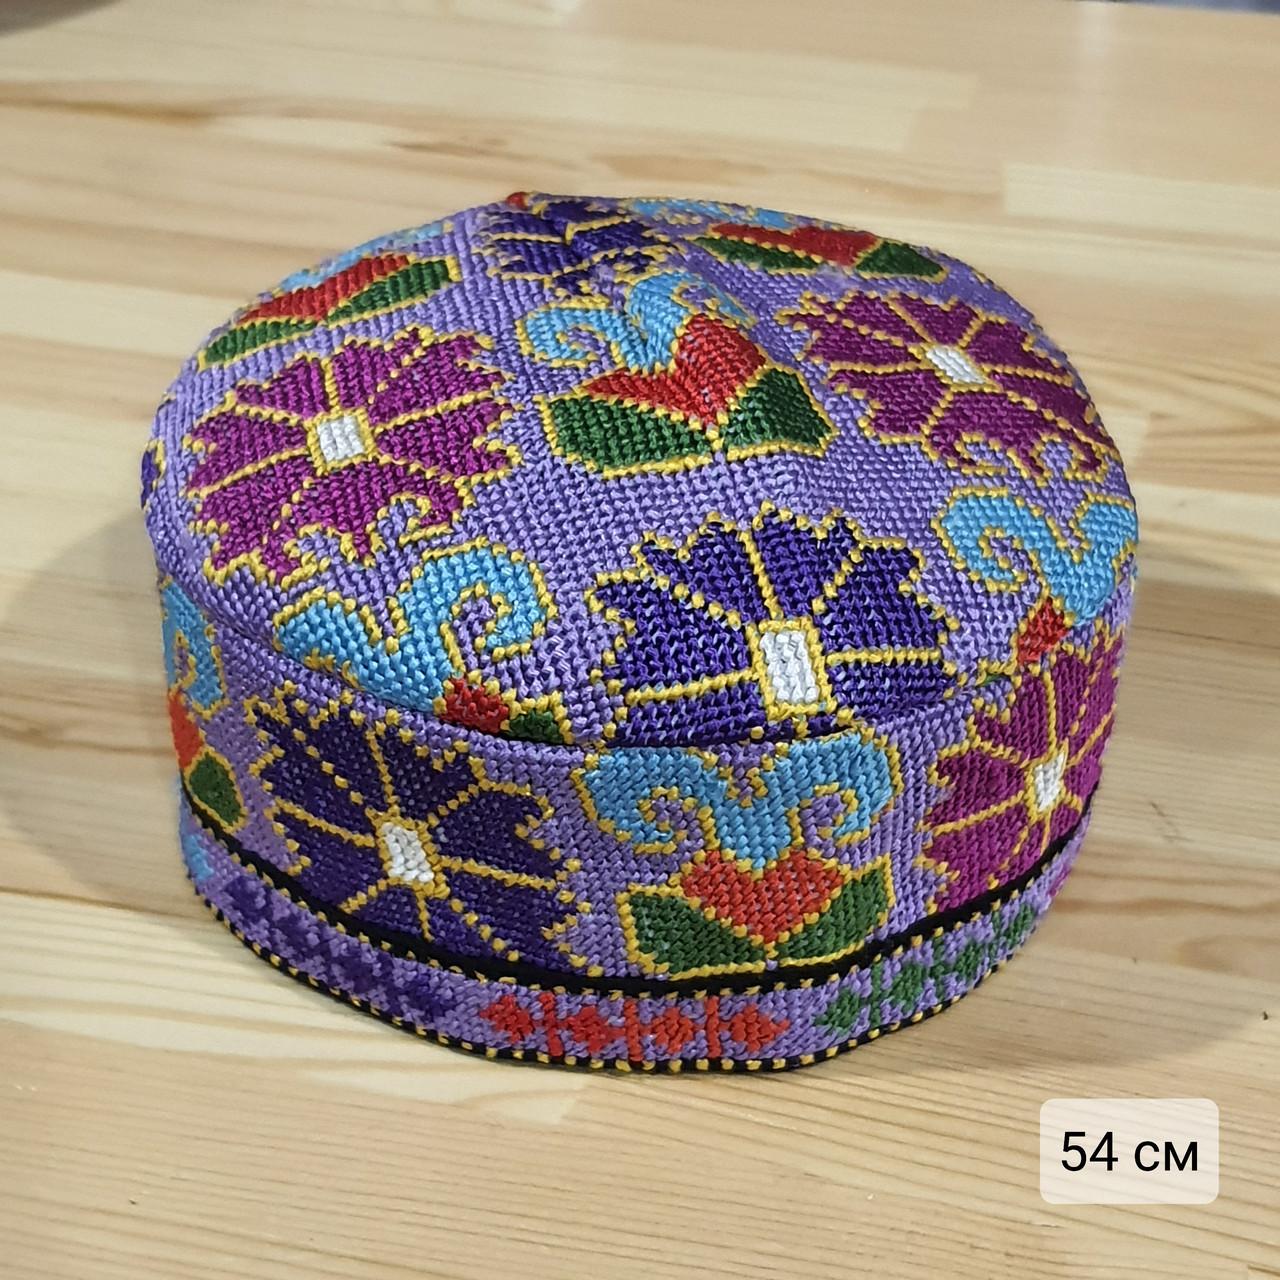 Узбекская тюбетейка 54 см. Ручная вышивка. Узбекистан (54_7)